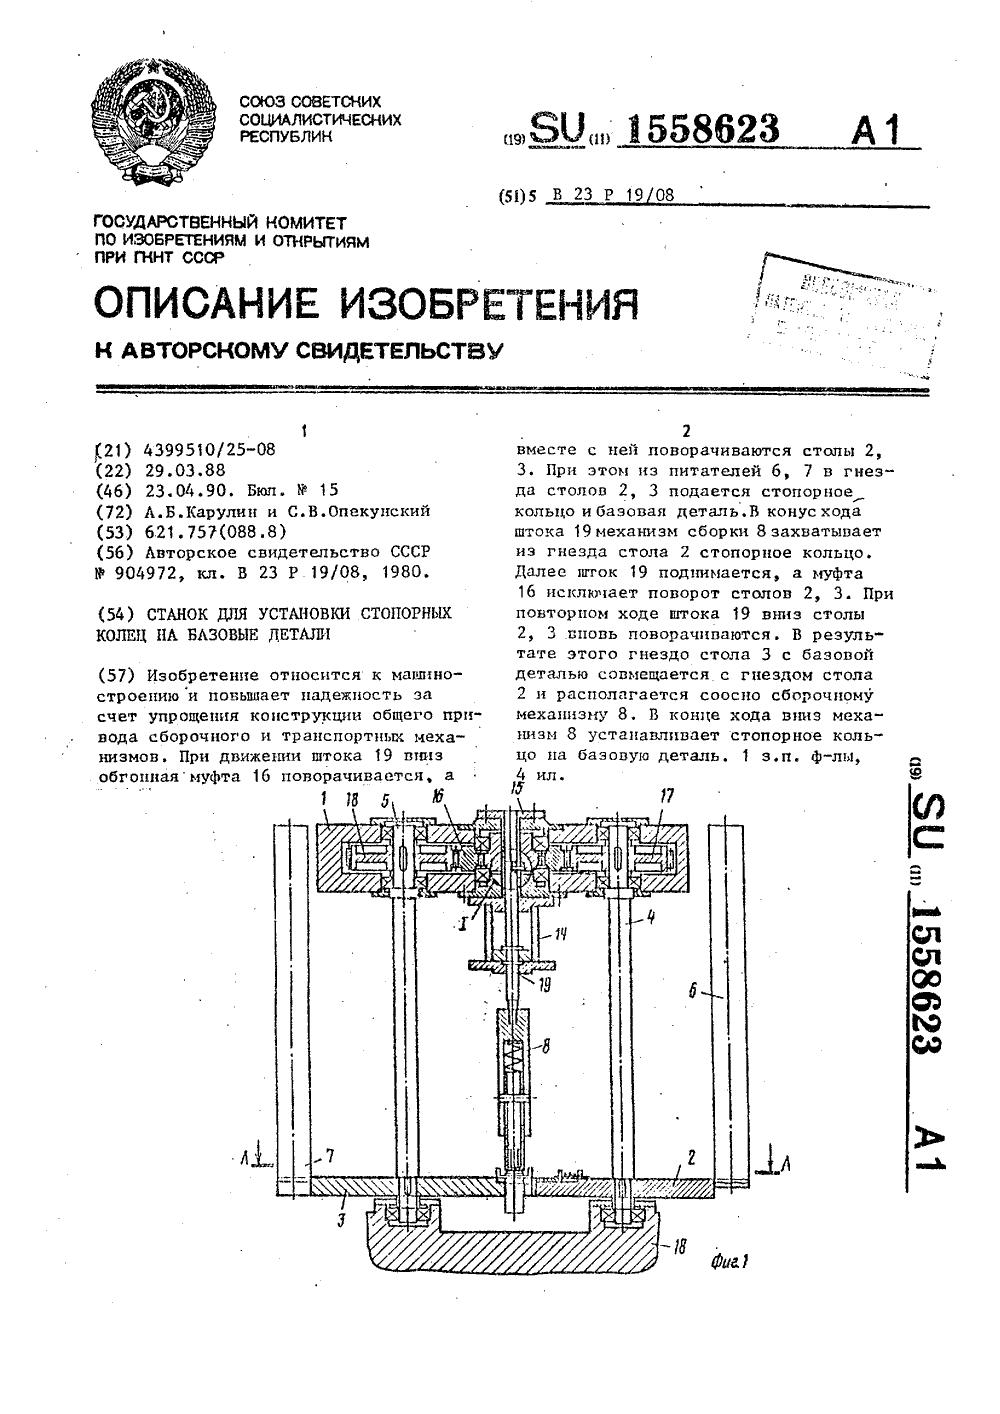 Станок по изготовлению стопорных колец